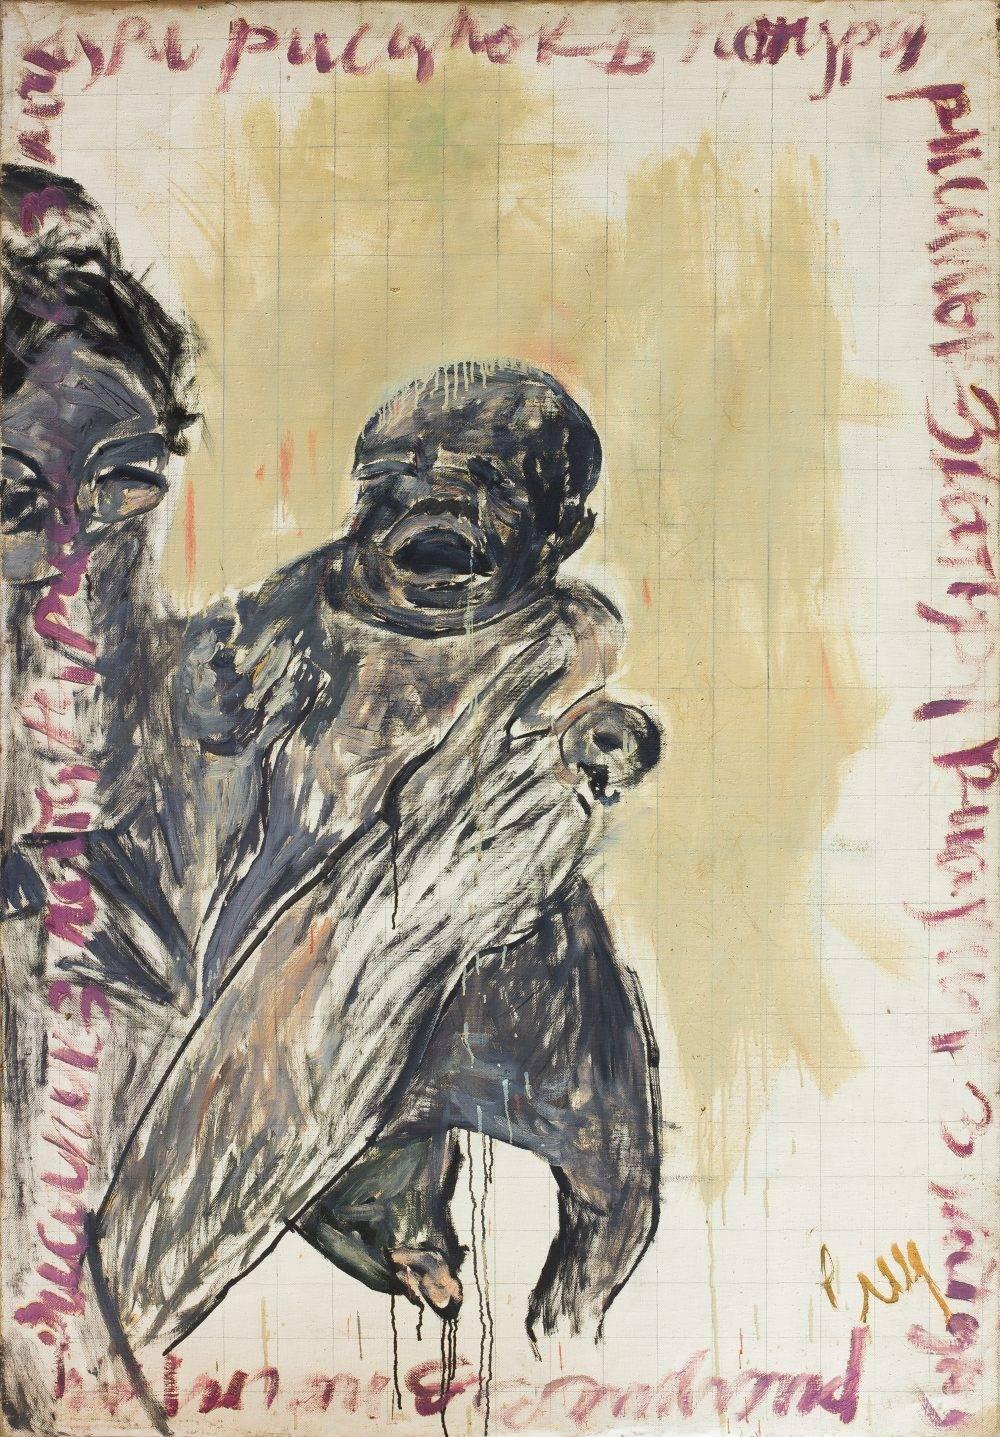 Андрей Сагайдаковский, Рисунок с натуры, 1990-е, холст, масло, 159 х 110